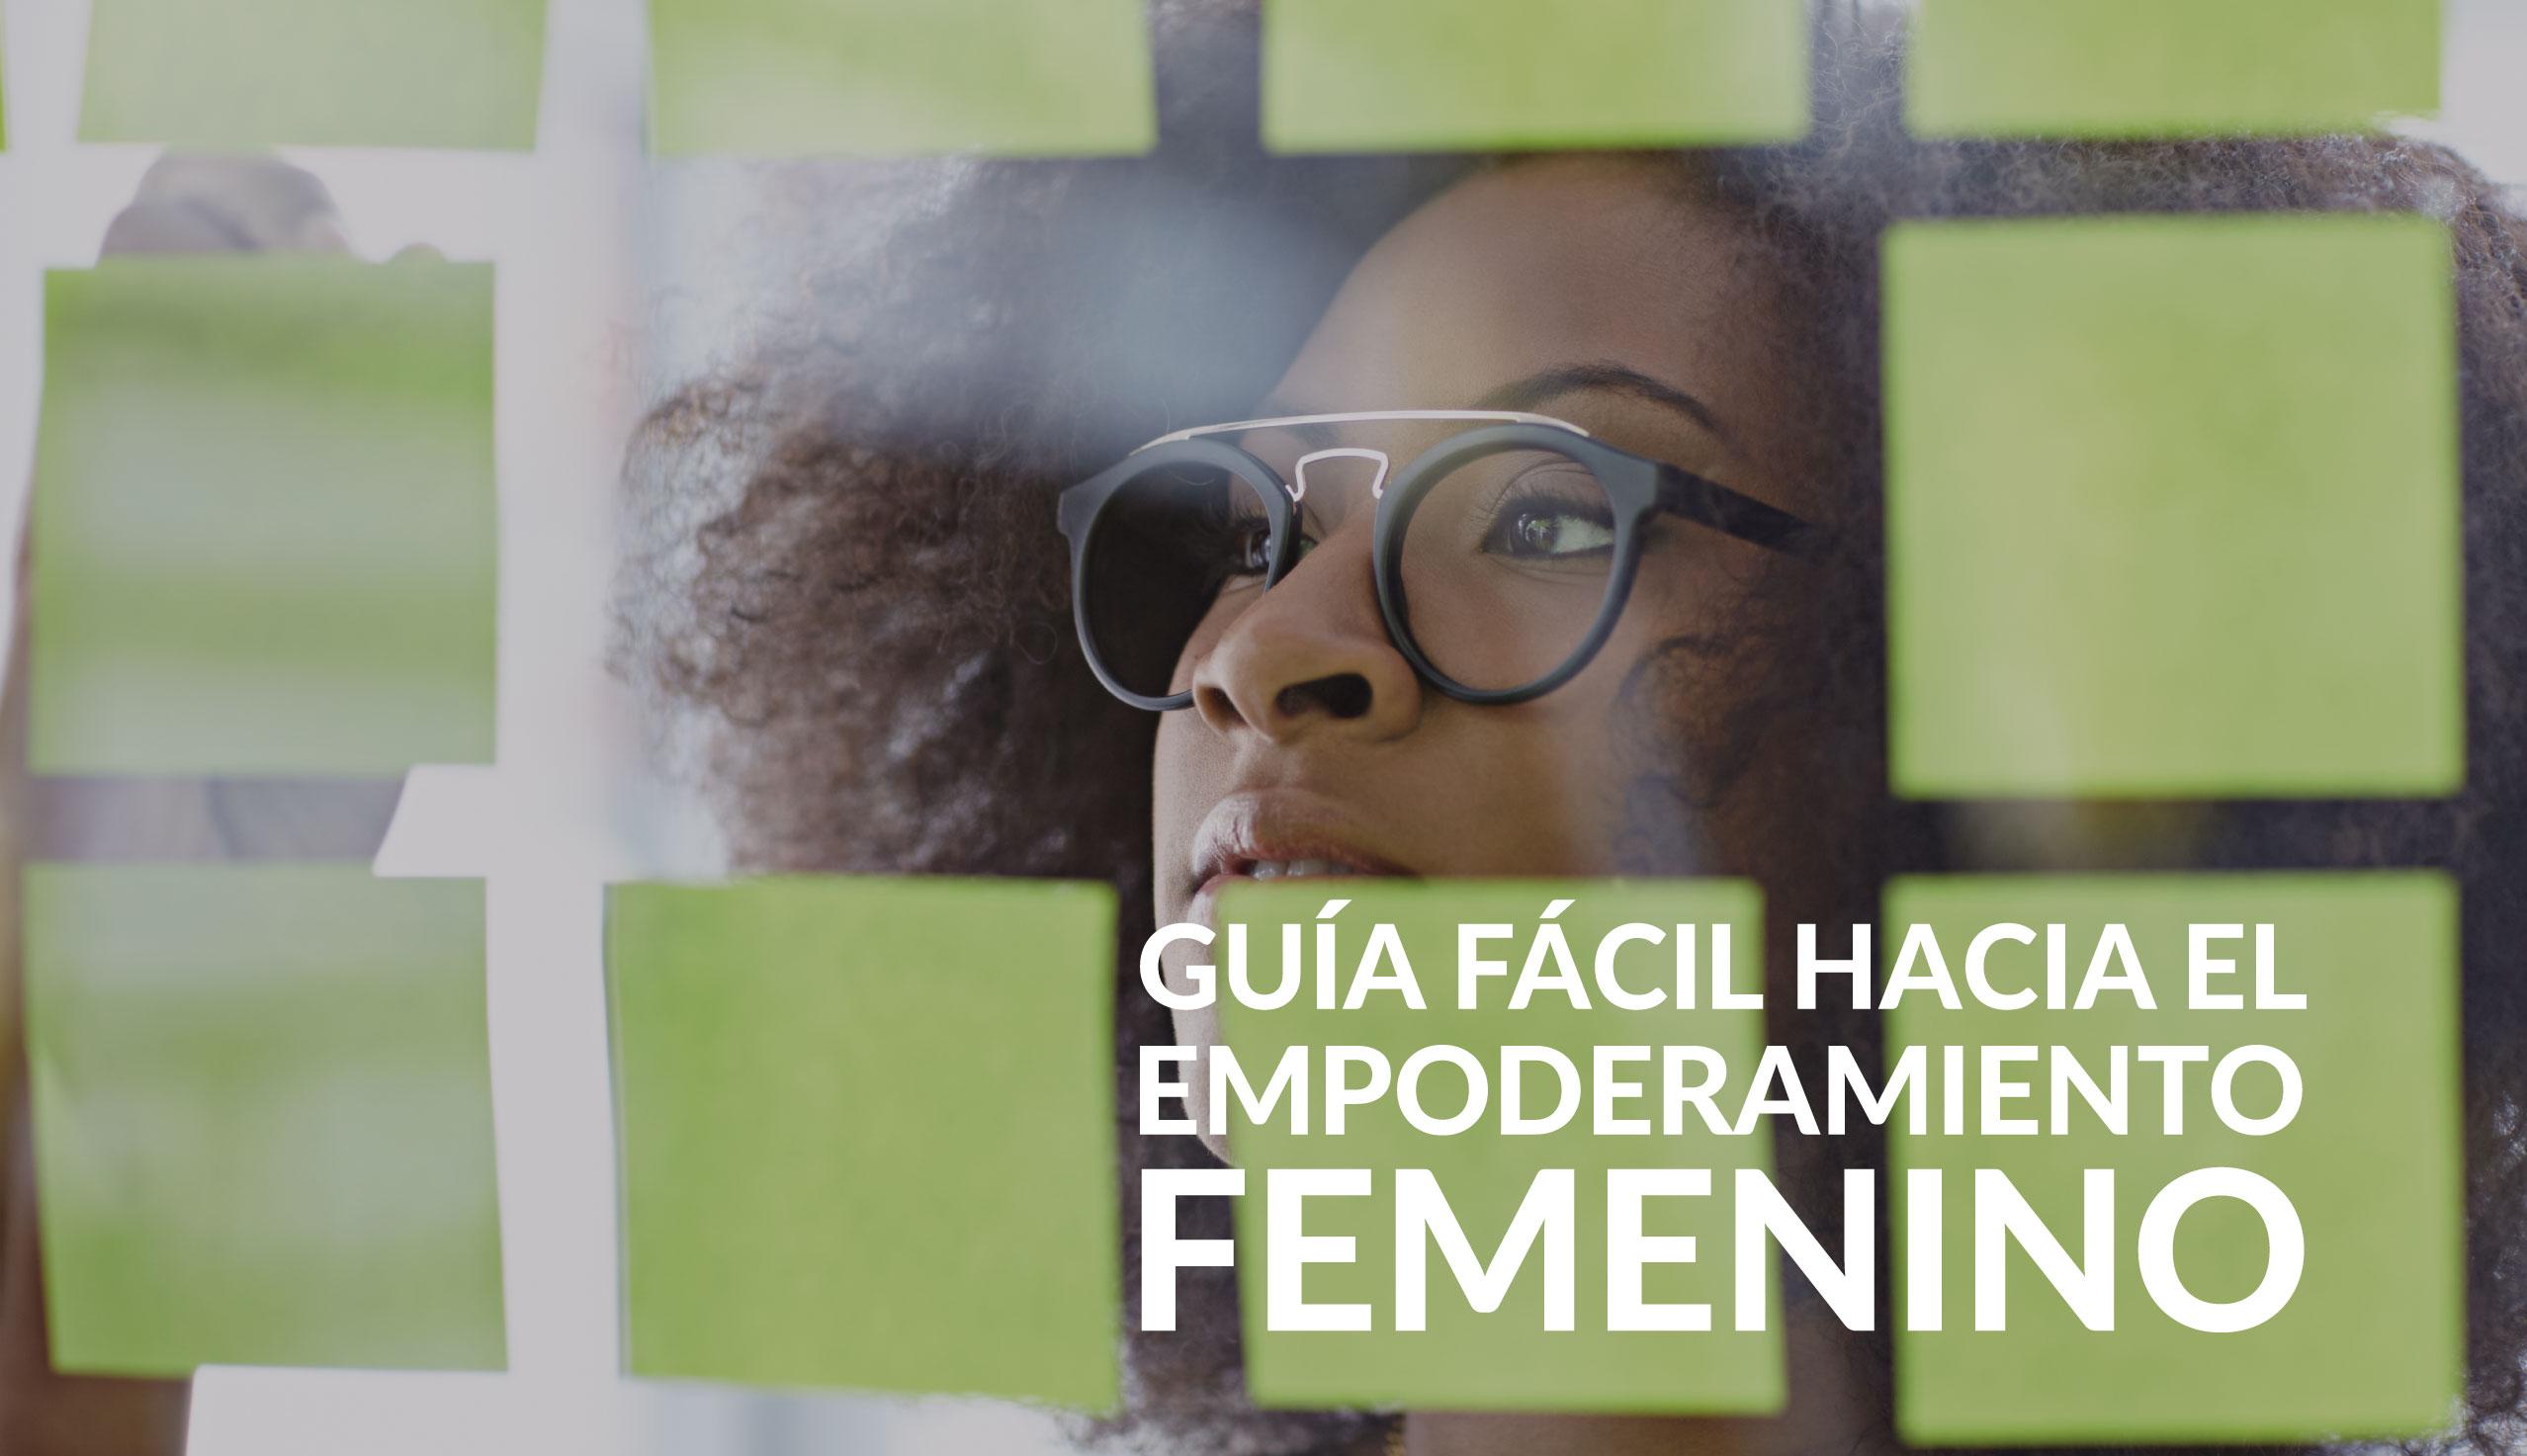 Guía fácil hacia el empoderamiento femenino